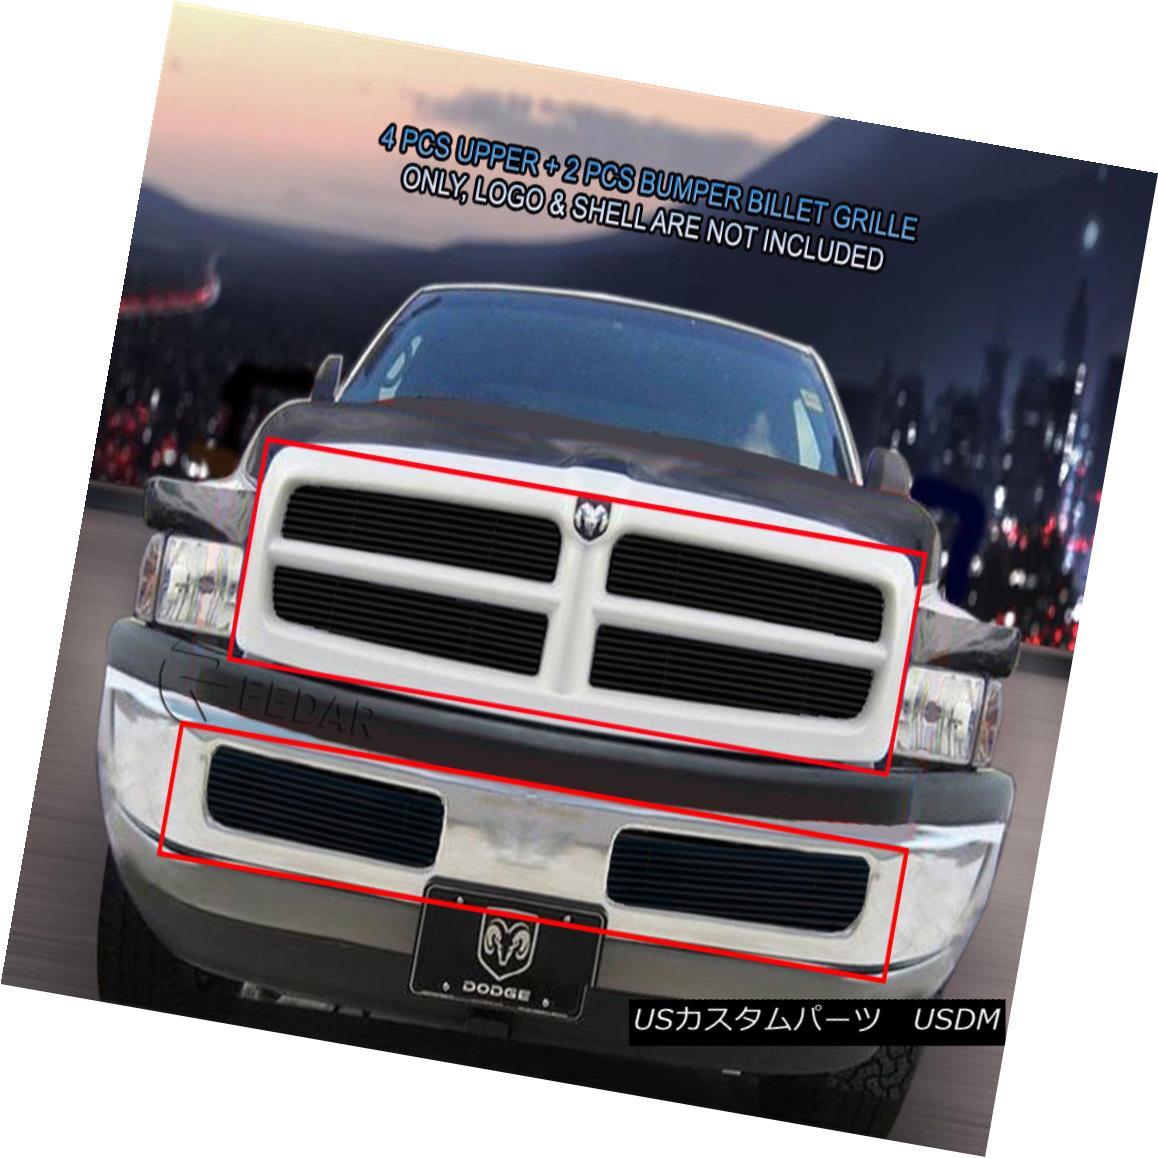 グリル 99-01 Dodge Ram Sport Billet Black Grille Grill Combo Insert 6 Pcs Fedar 99-01ダッジラムスポーツビレットブラックグリルグリルコンボインサート6個入りFedar